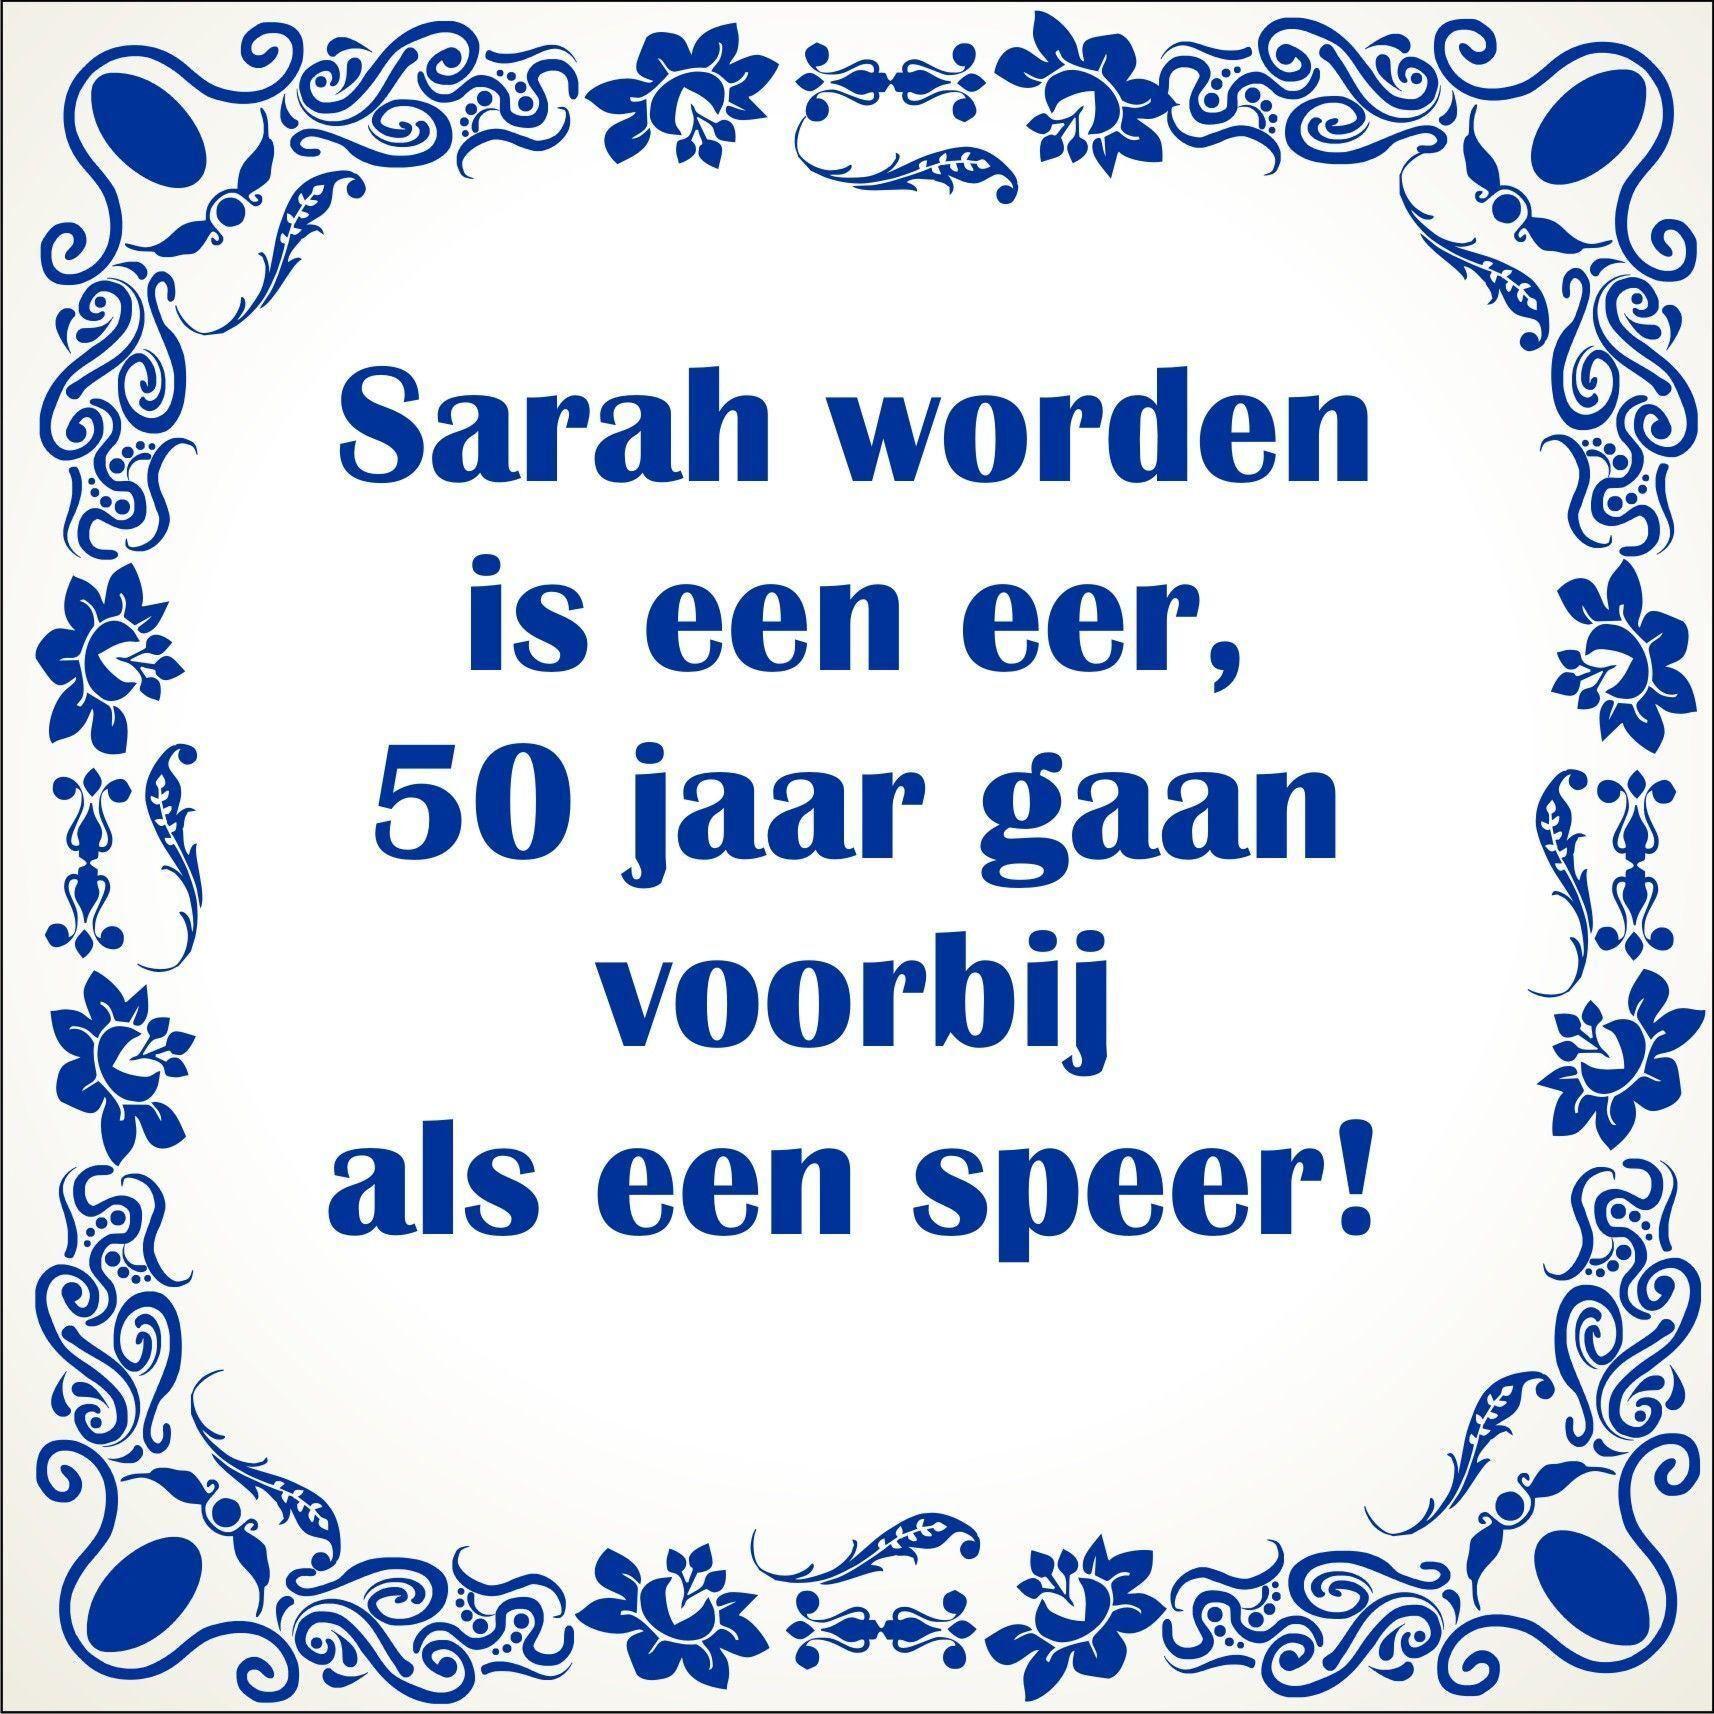 Verwonderlijk Spreukentegel Sarah worden is een eer 50 jaar gaan GQ-71